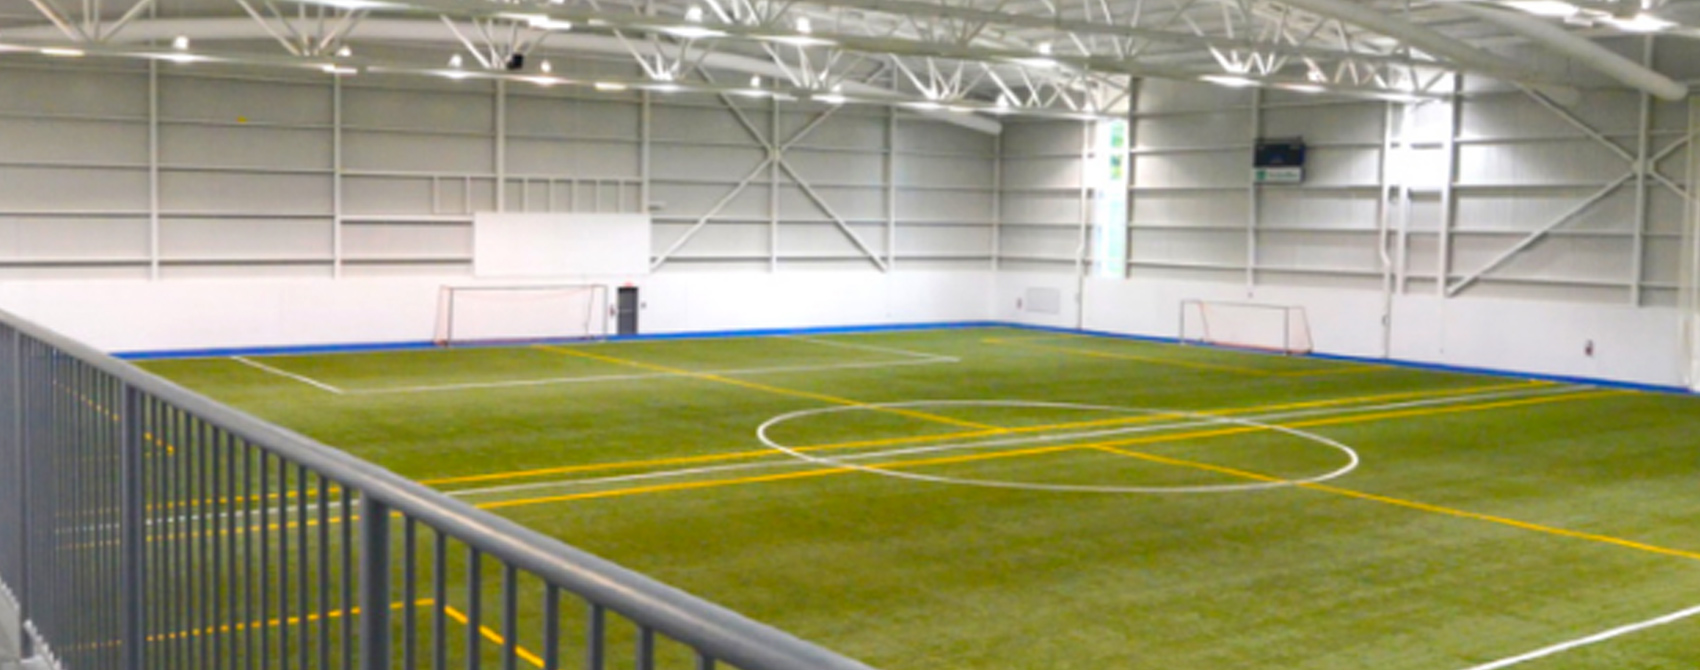 Club-de-soccer-Boreal